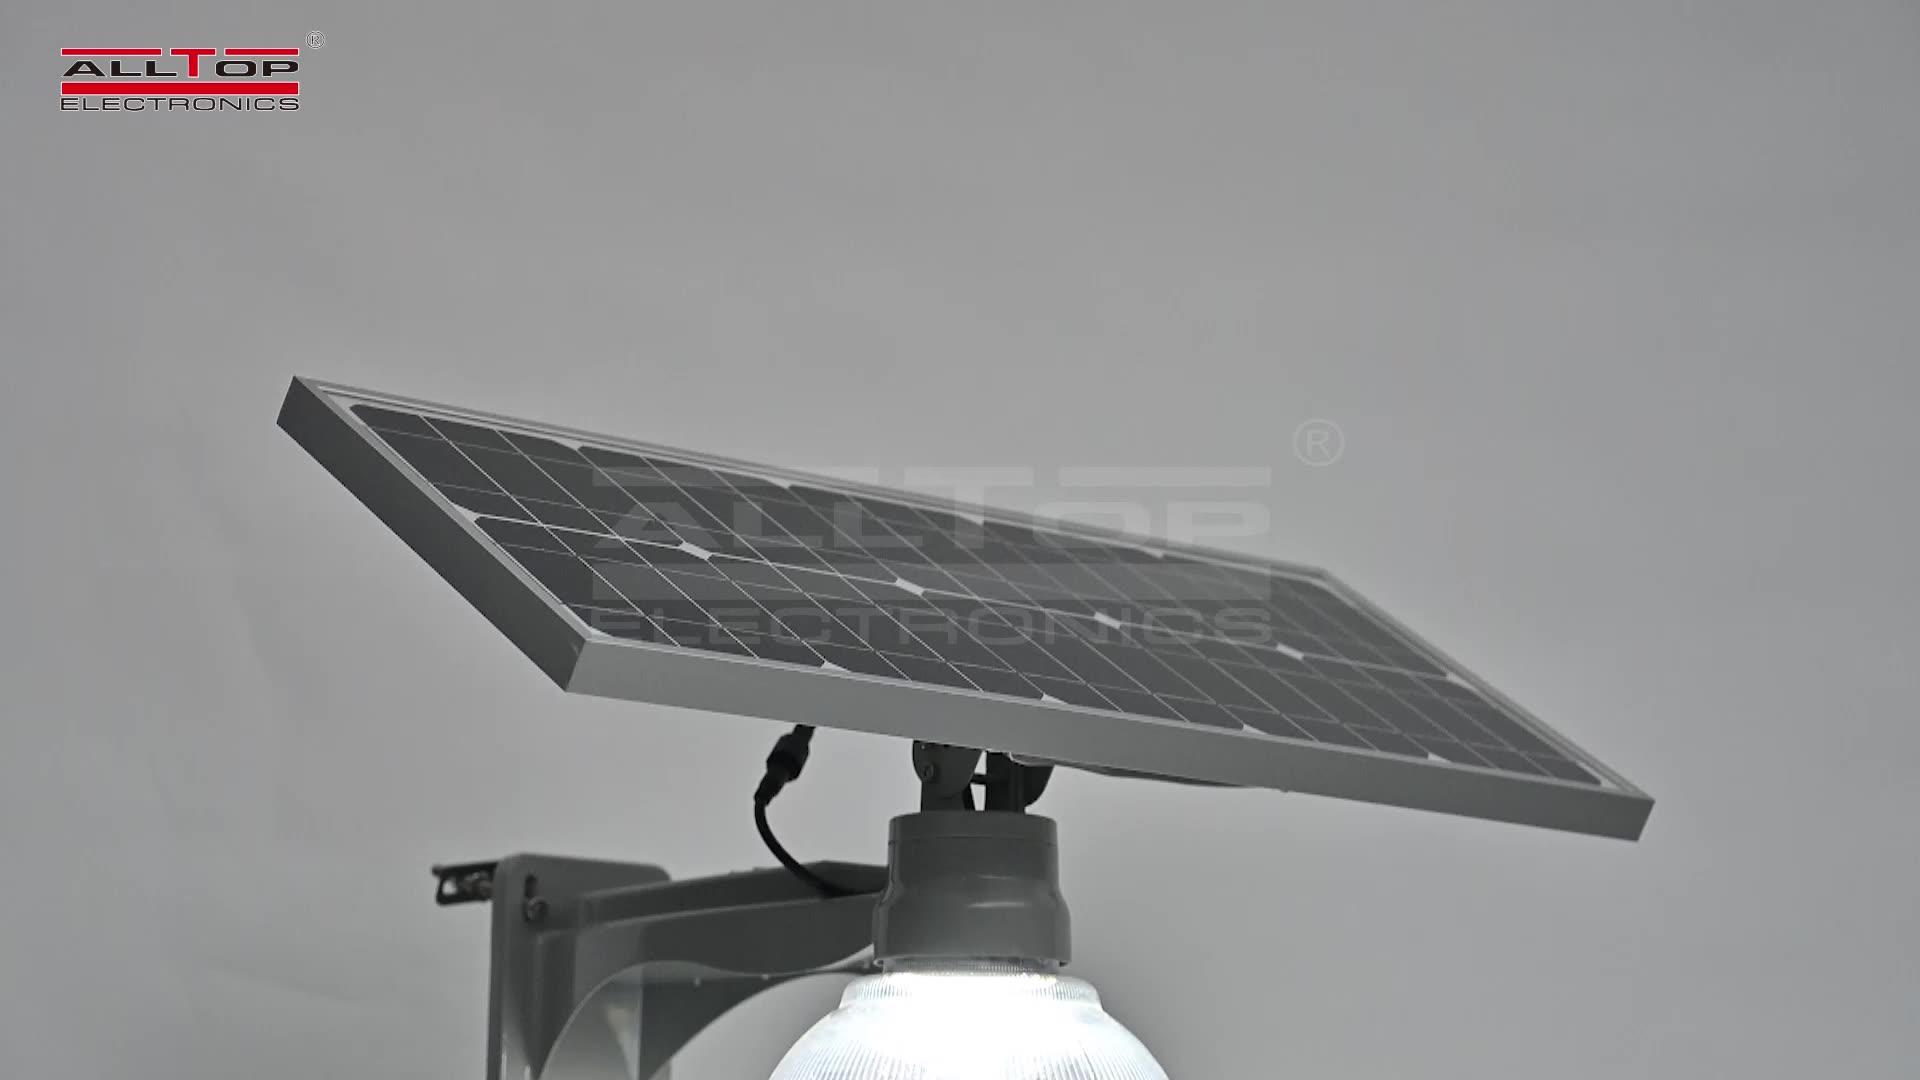 20 w entegre enerji tasarrufu güneş led sokak lambası fiyat